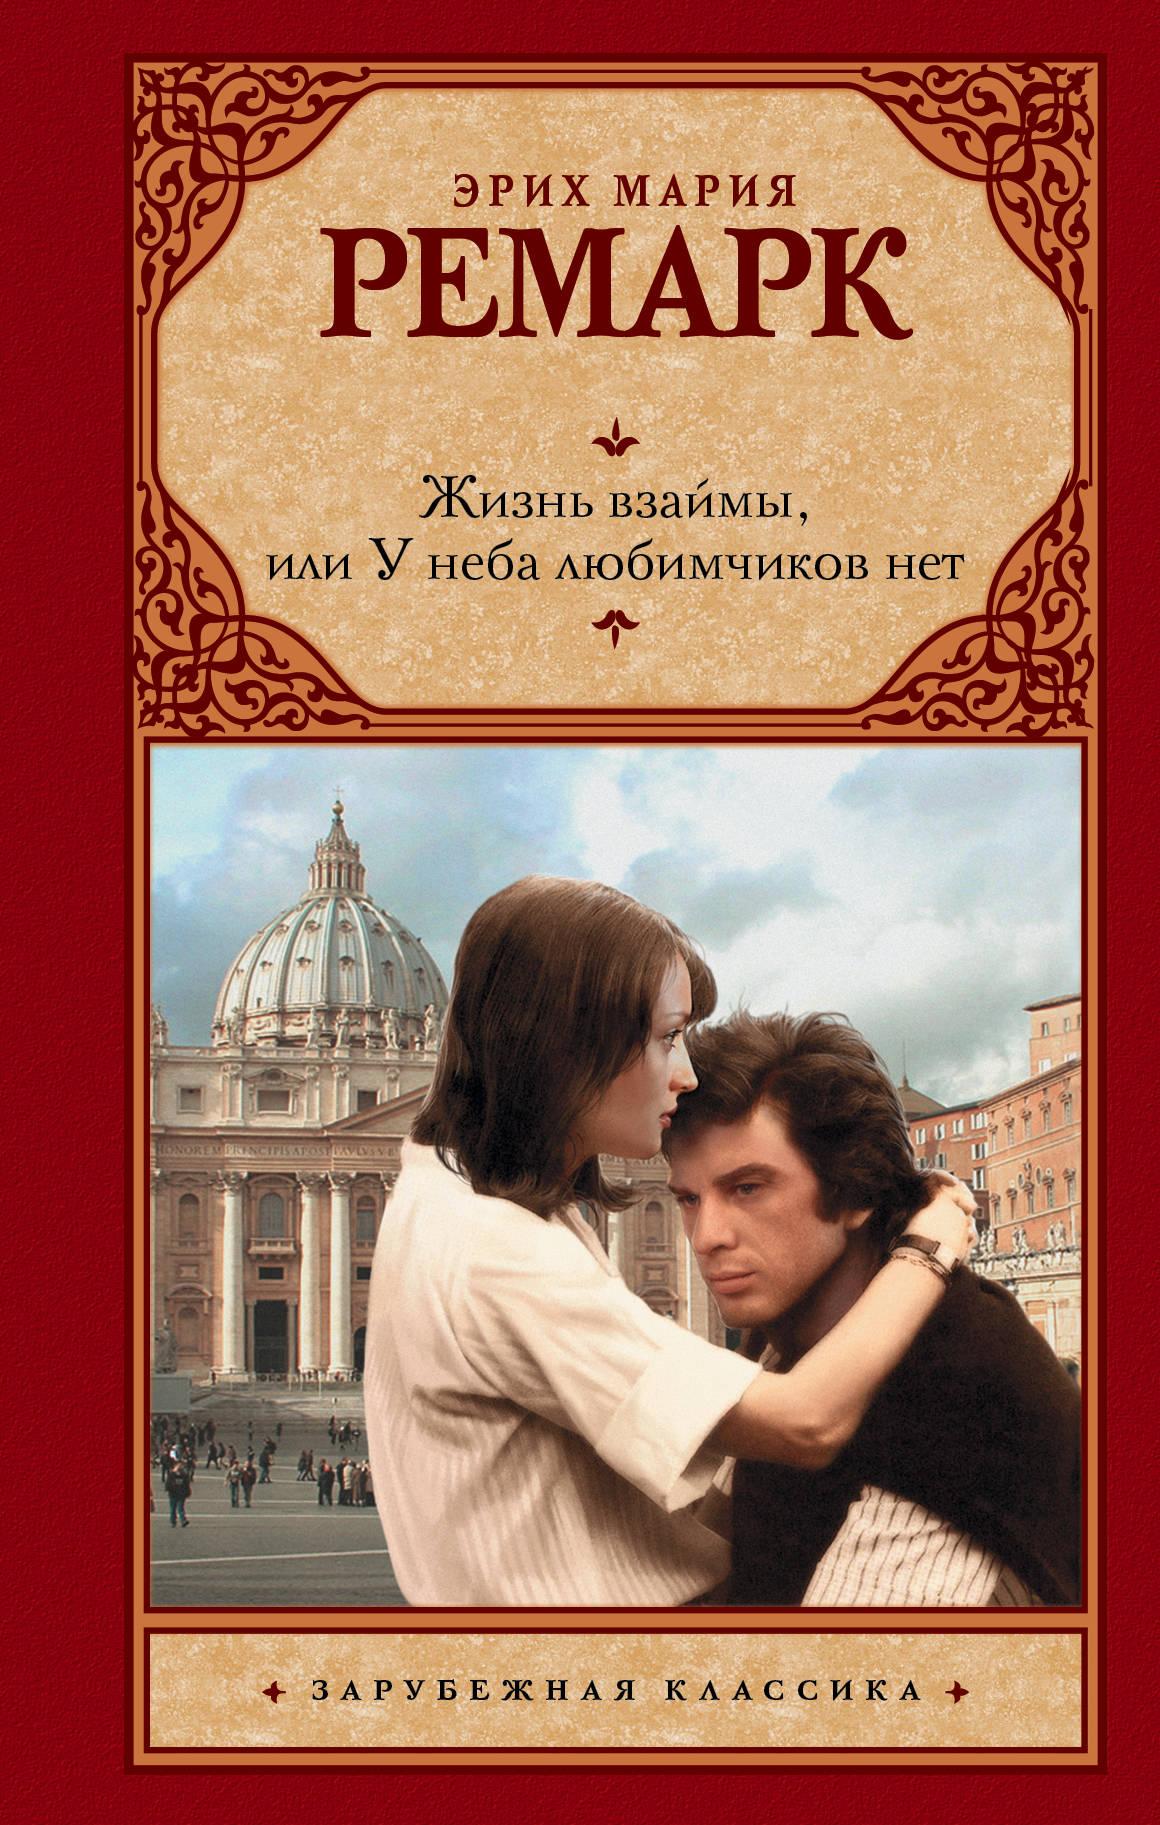 Жизнь взаймы, или У неба любимчиков нет: Роман